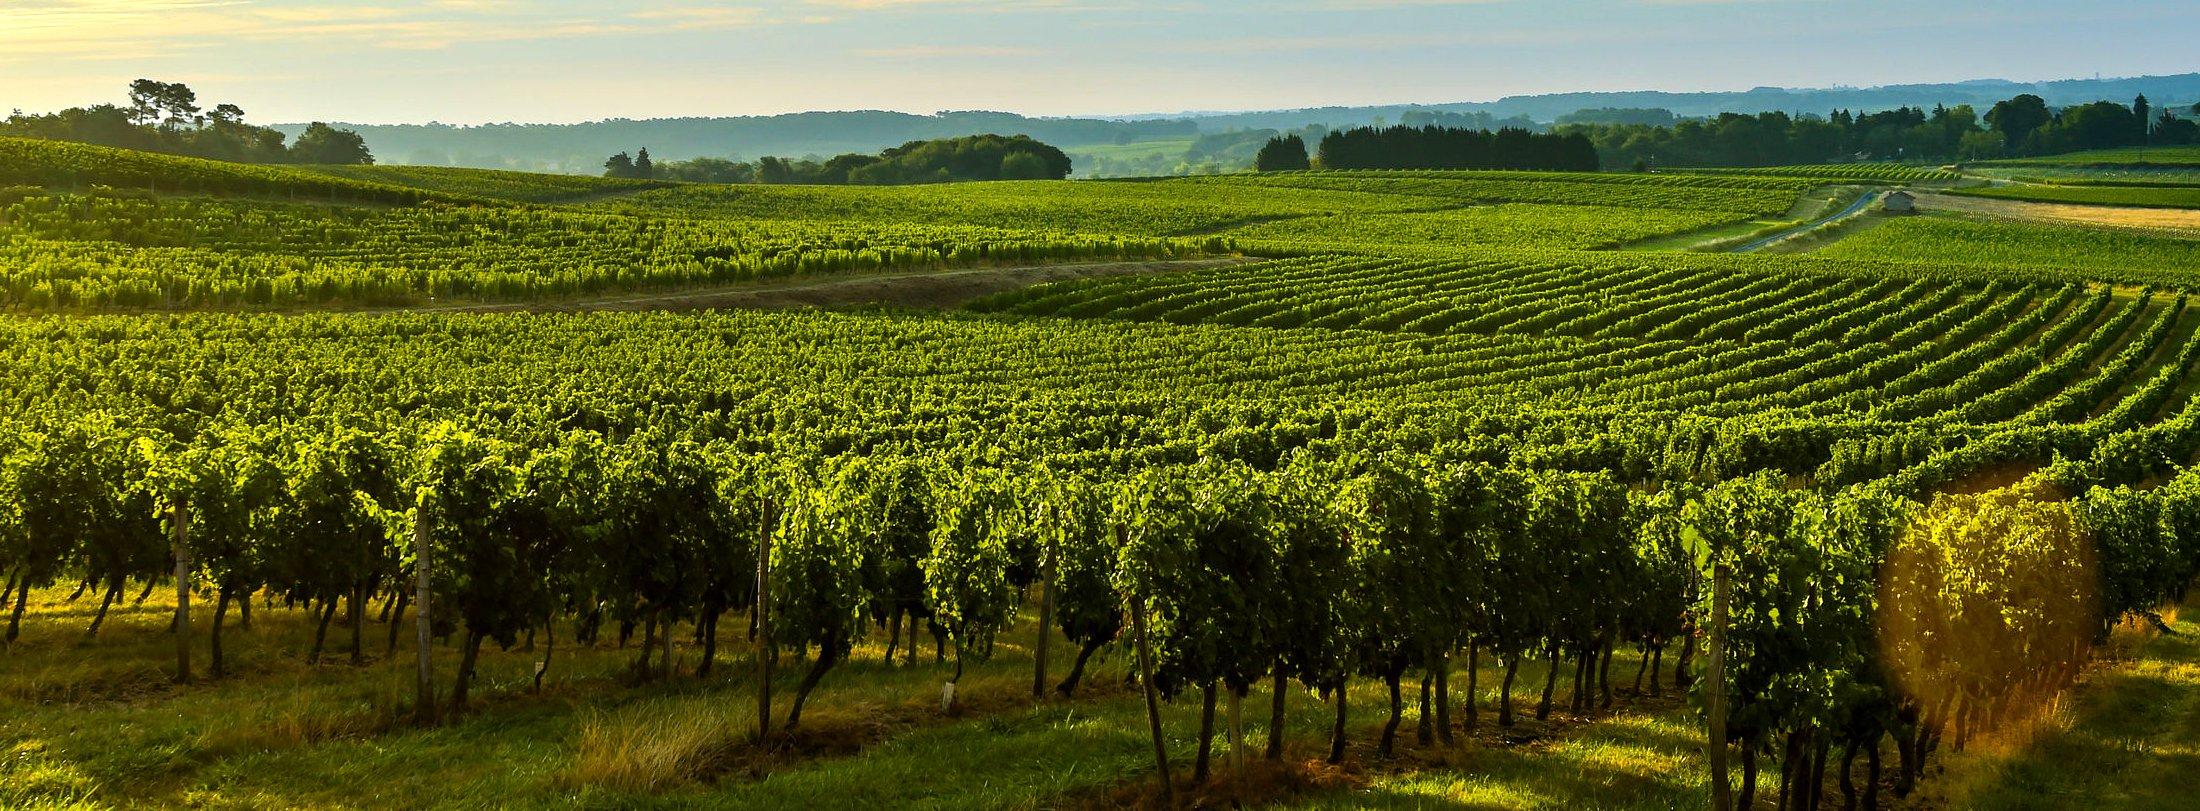 Investissement chateau viticole Bordeaux Aquitaine Gironde France